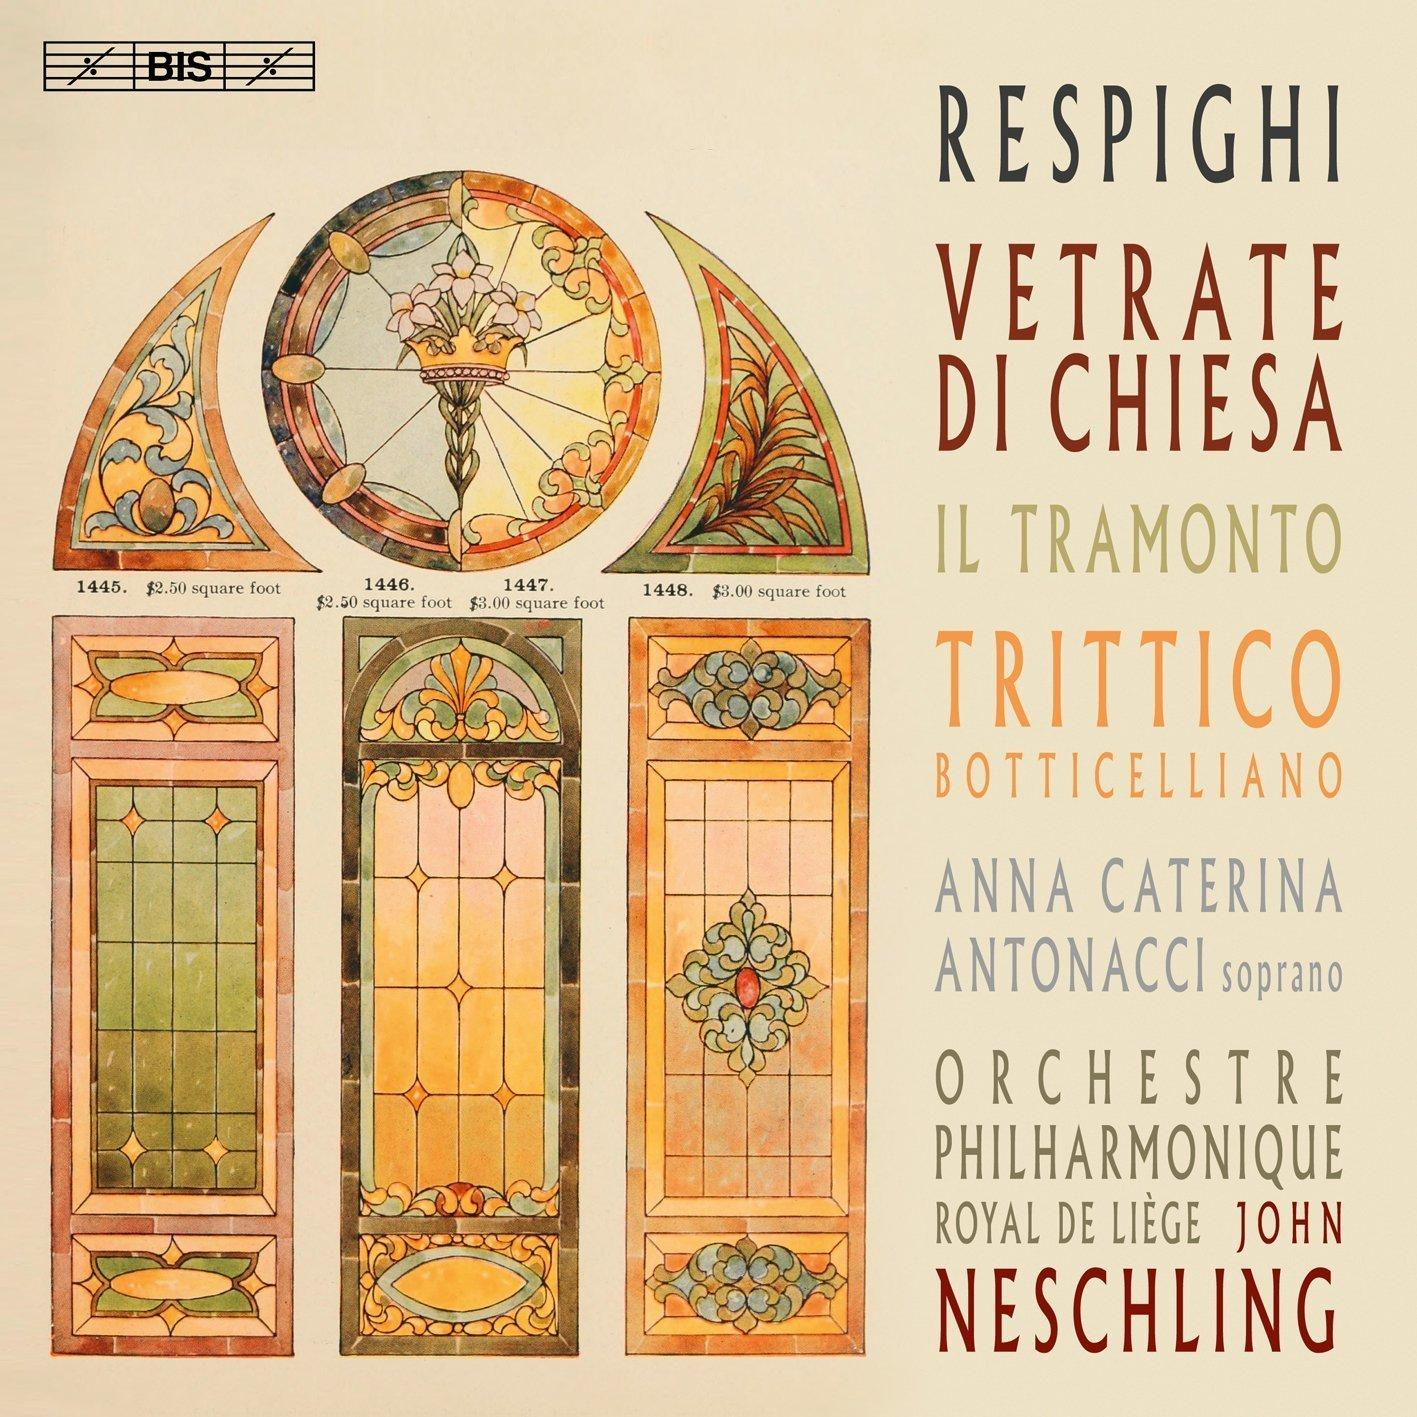 Respighi: Vetrate di chiesa, Il tramonto &Tritticobotticelliano